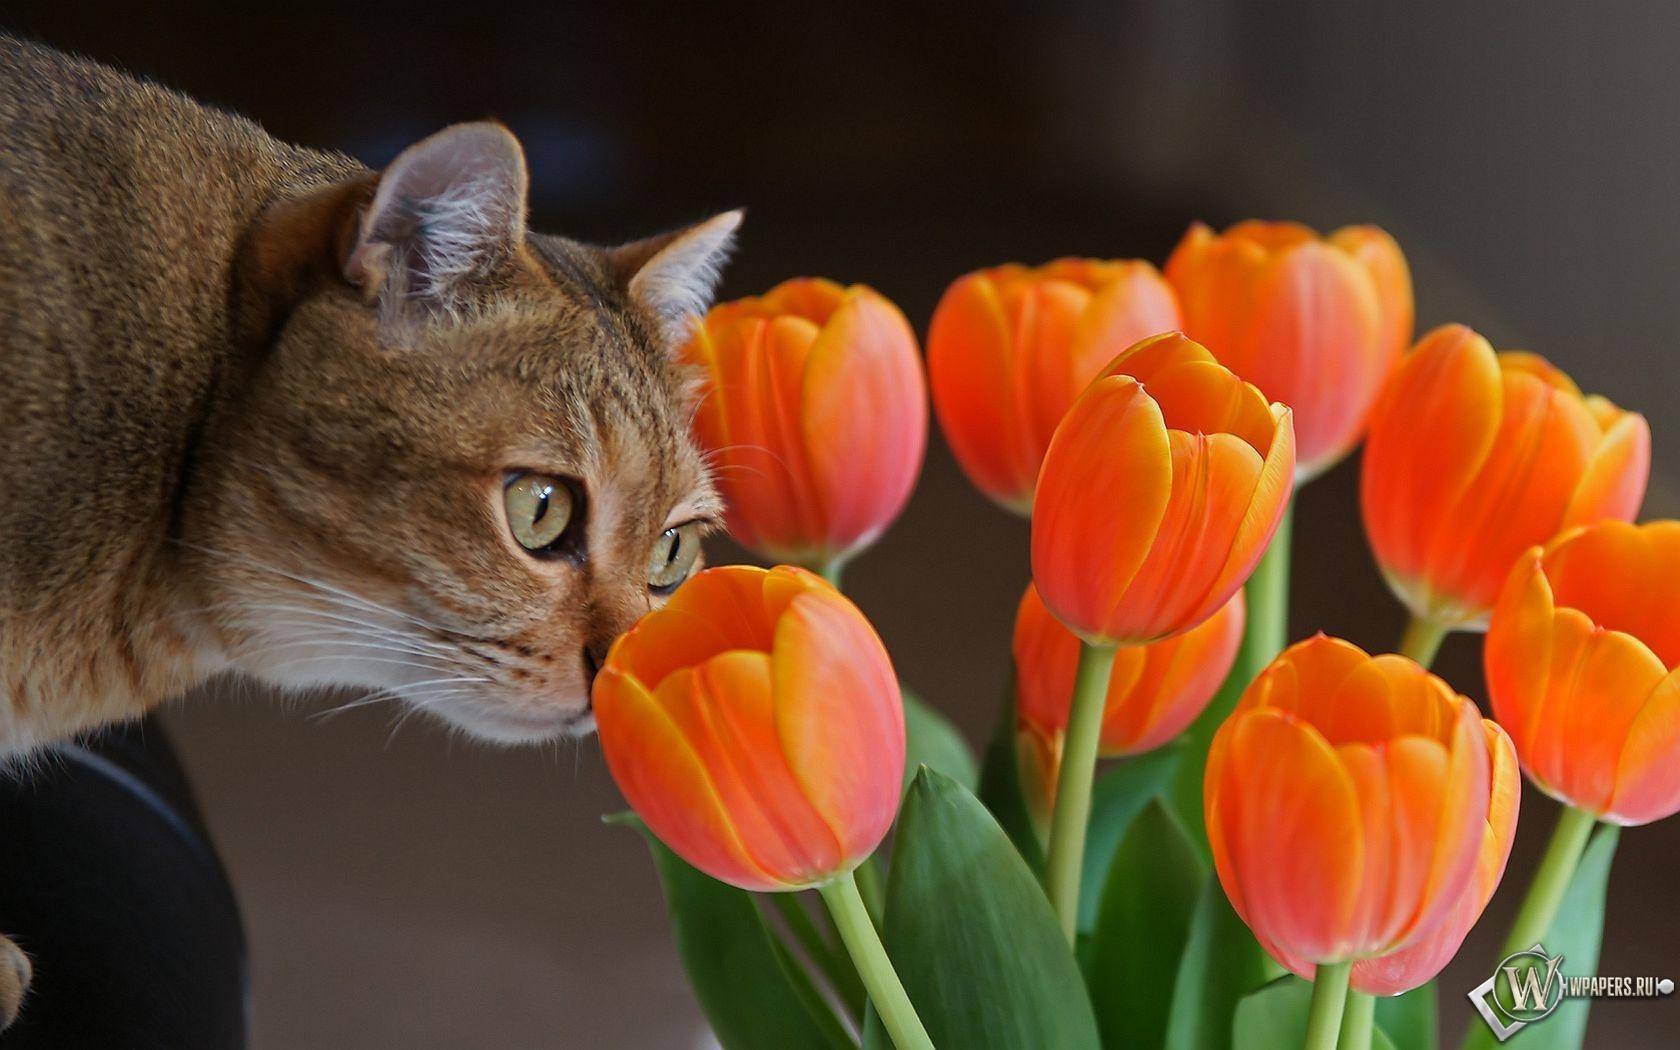 Кот с оранжевыми тюльпанами 1680x1050